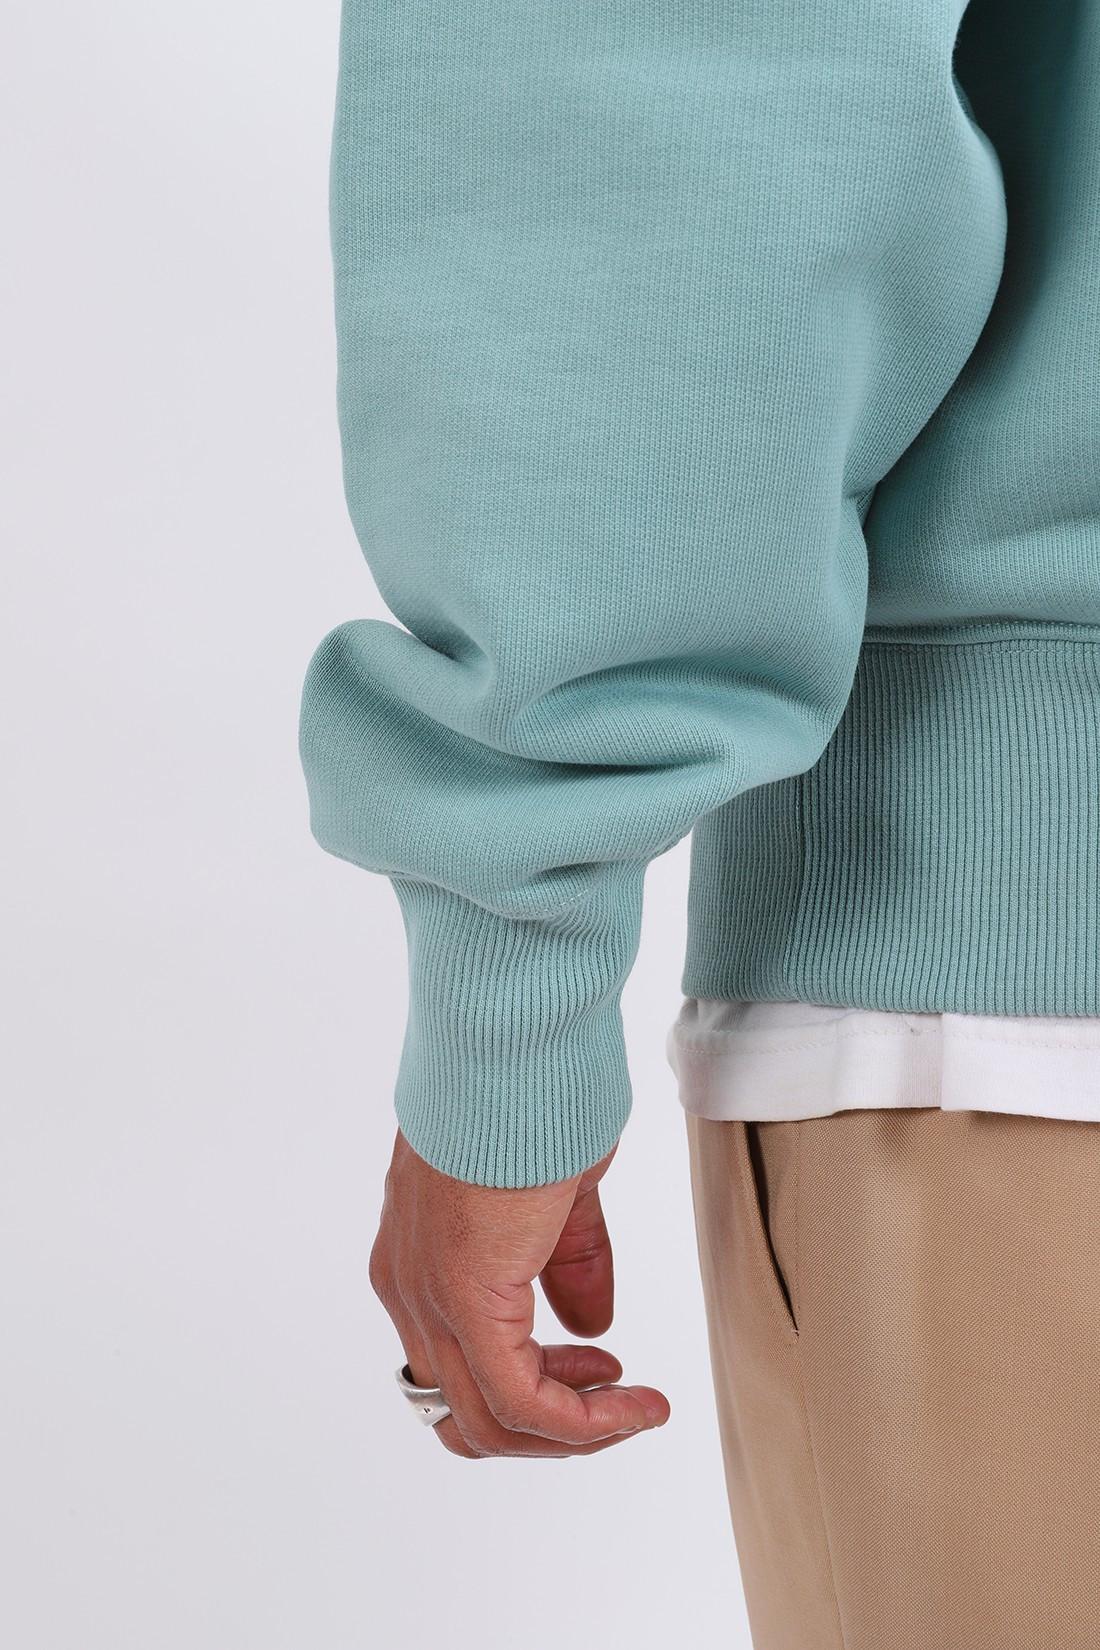 AMI / Sweatshirt col zippe ami de Coeur green aqua